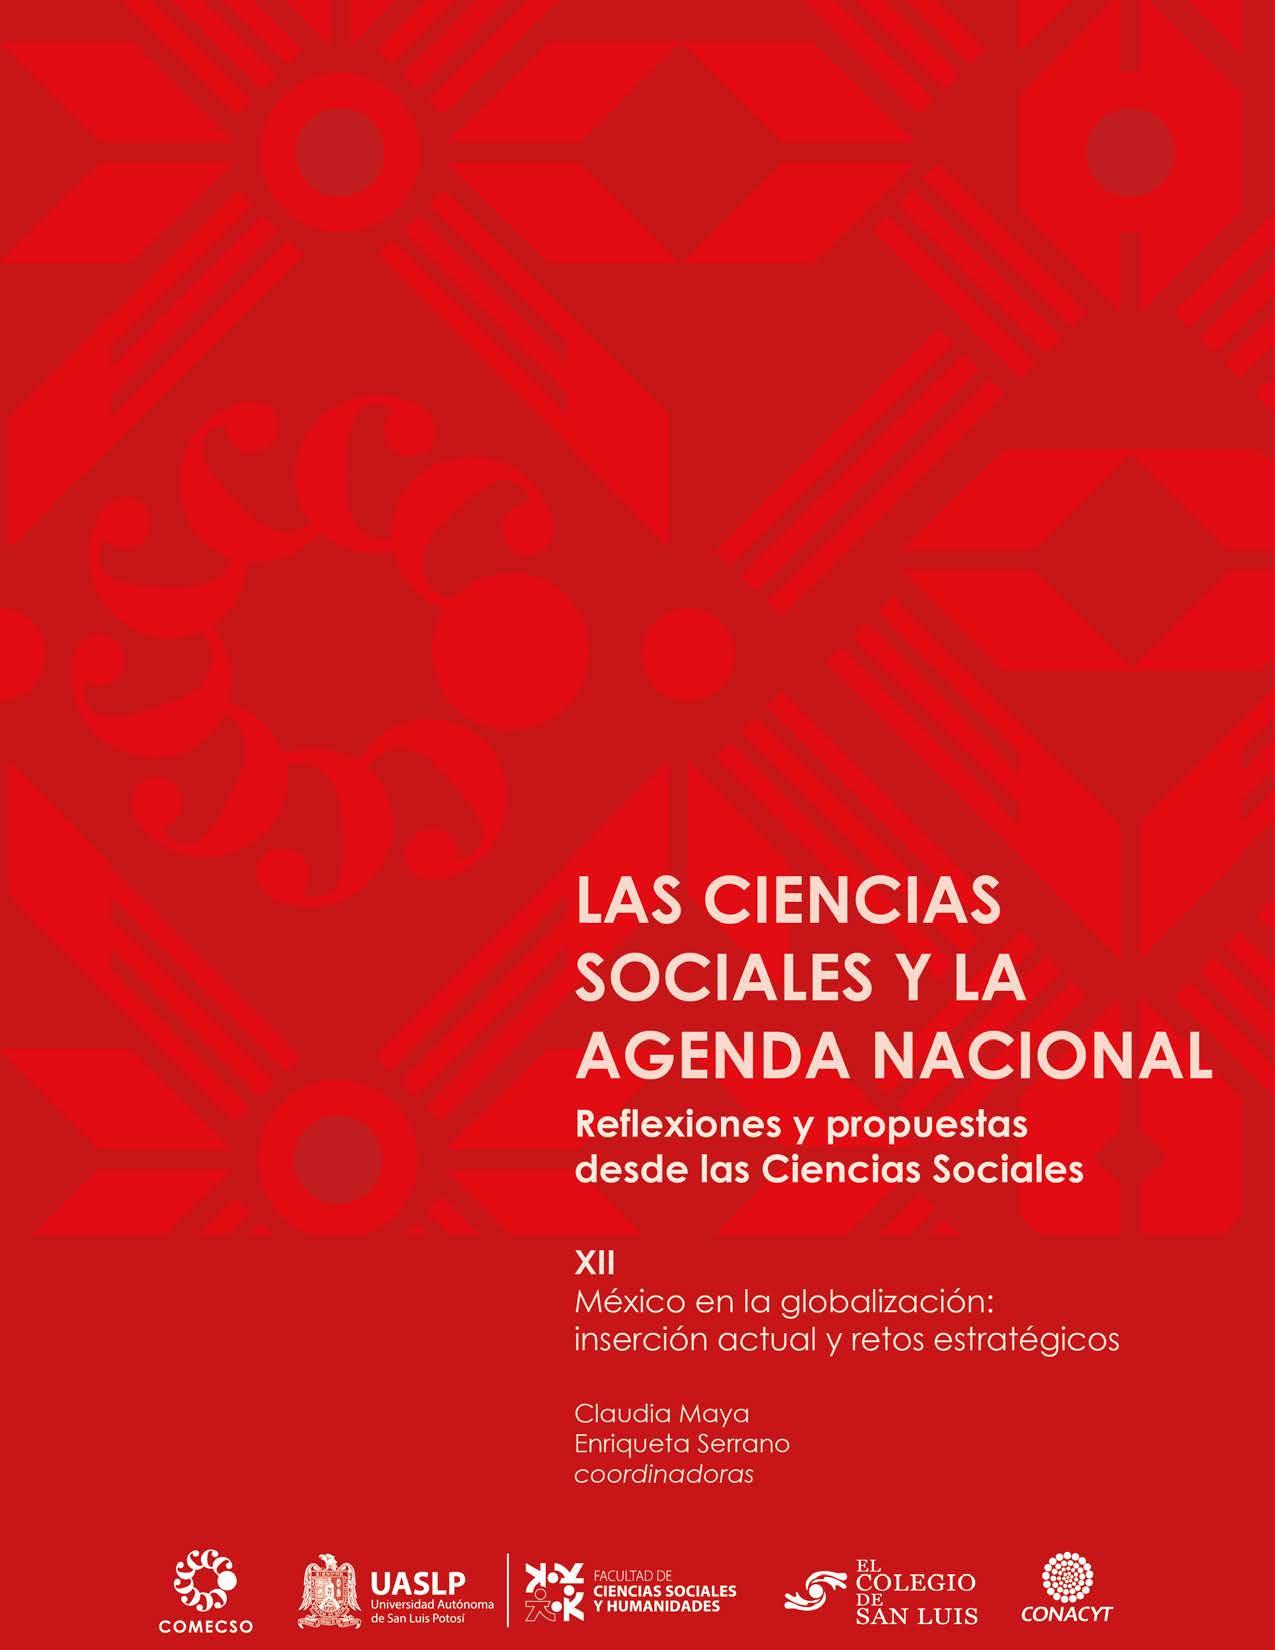 Vol. XII. México en la globalización: inserción actual y retos estratégicos